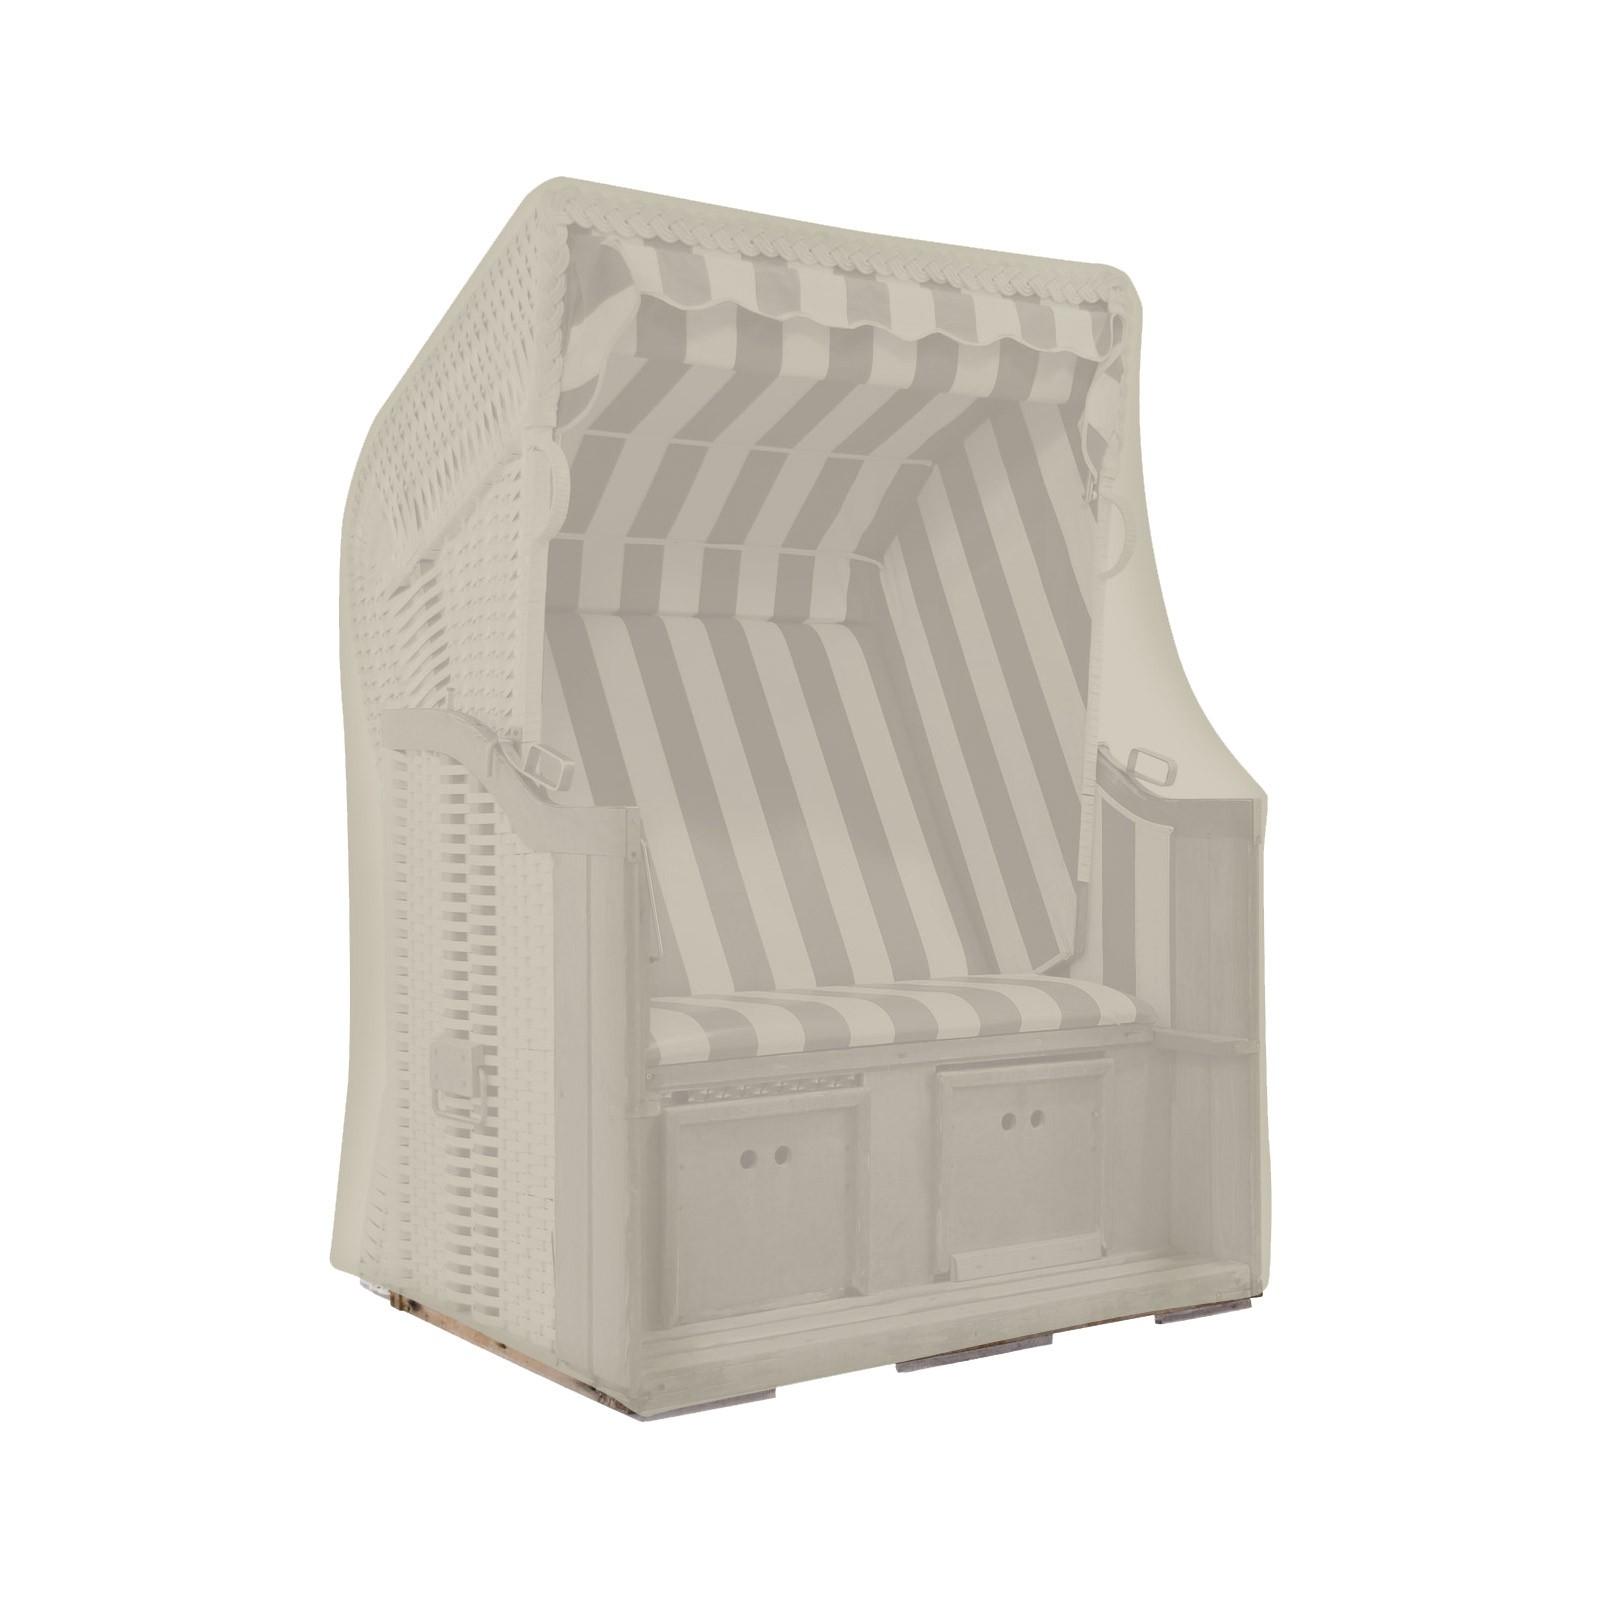 tepro universal abdeckhaube schutzhaube wetterschutz abdeckplane strandkorb gro ebay. Black Bedroom Furniture Sets. Home Design Ideas